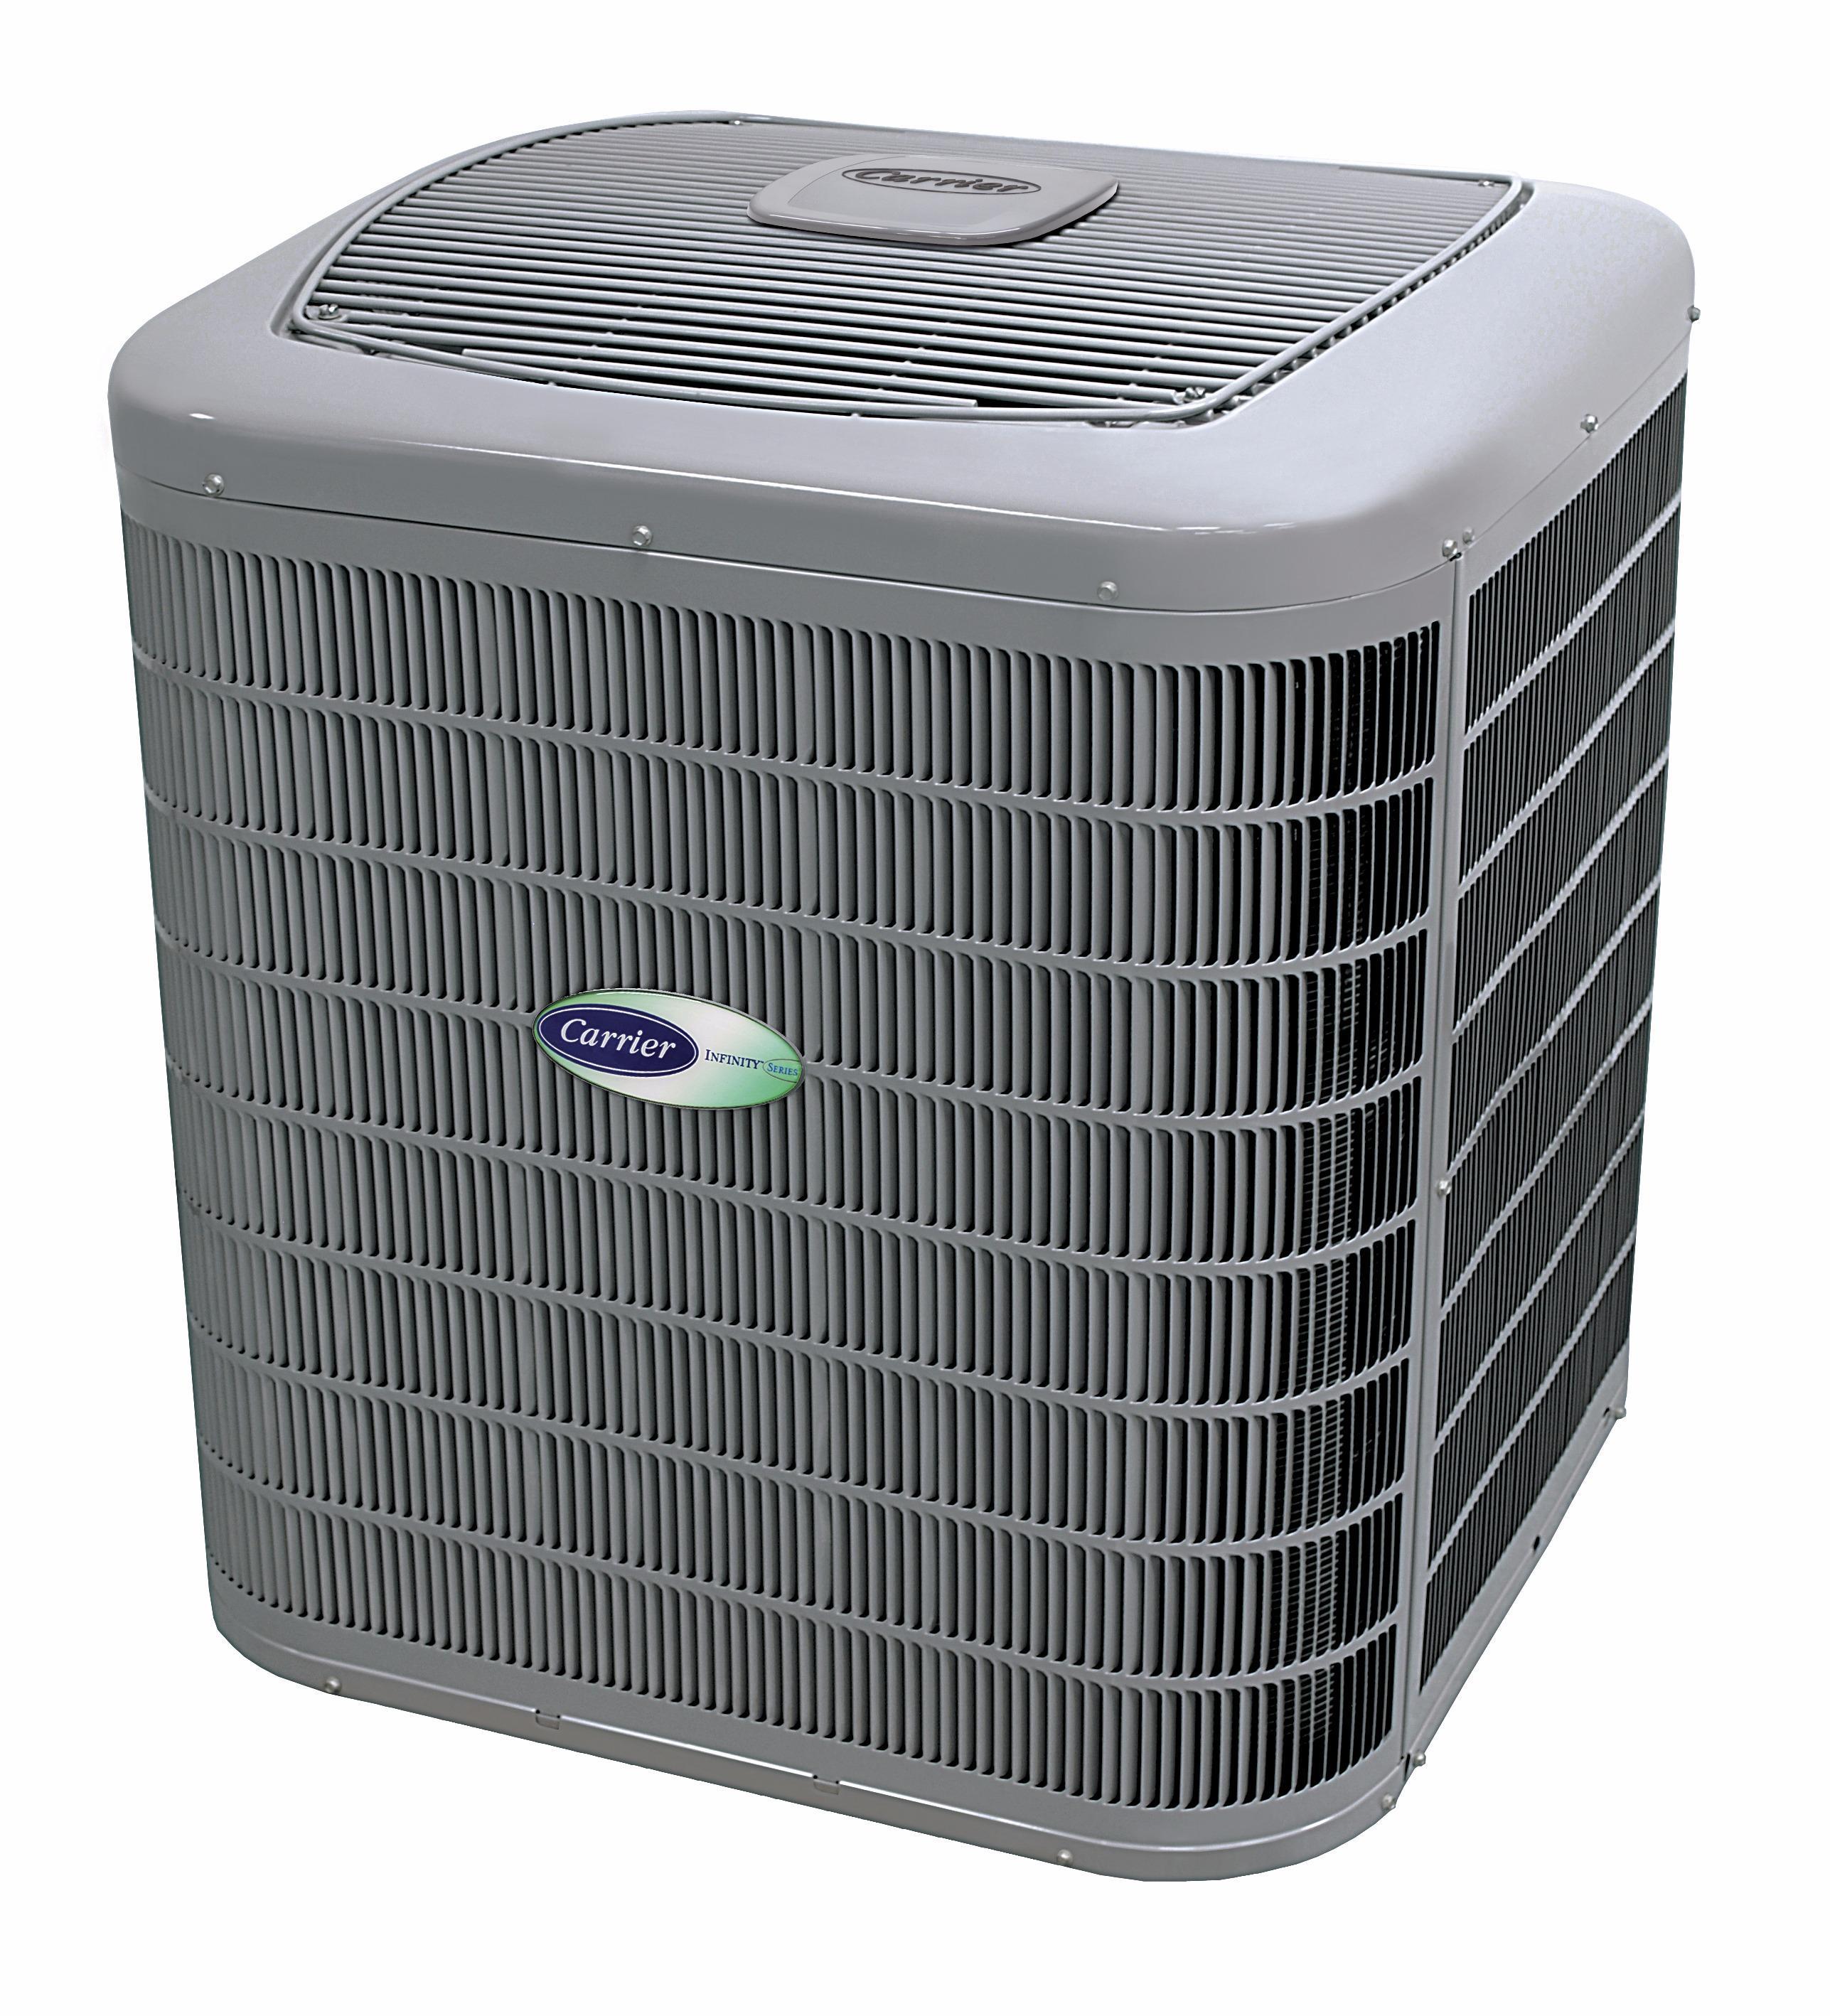 Hickory HVAC image 2